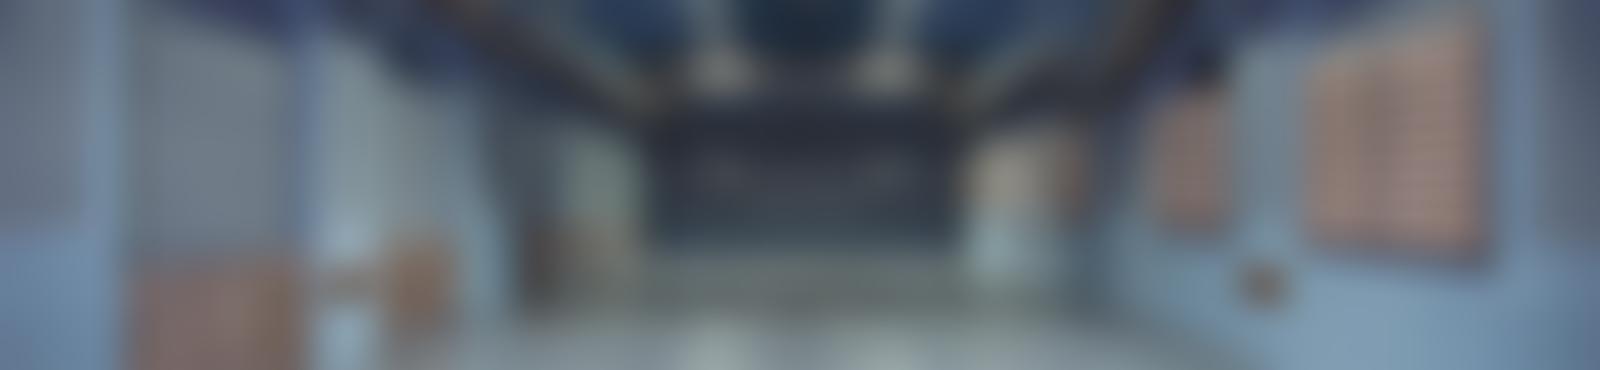 Blurred  dsc1080